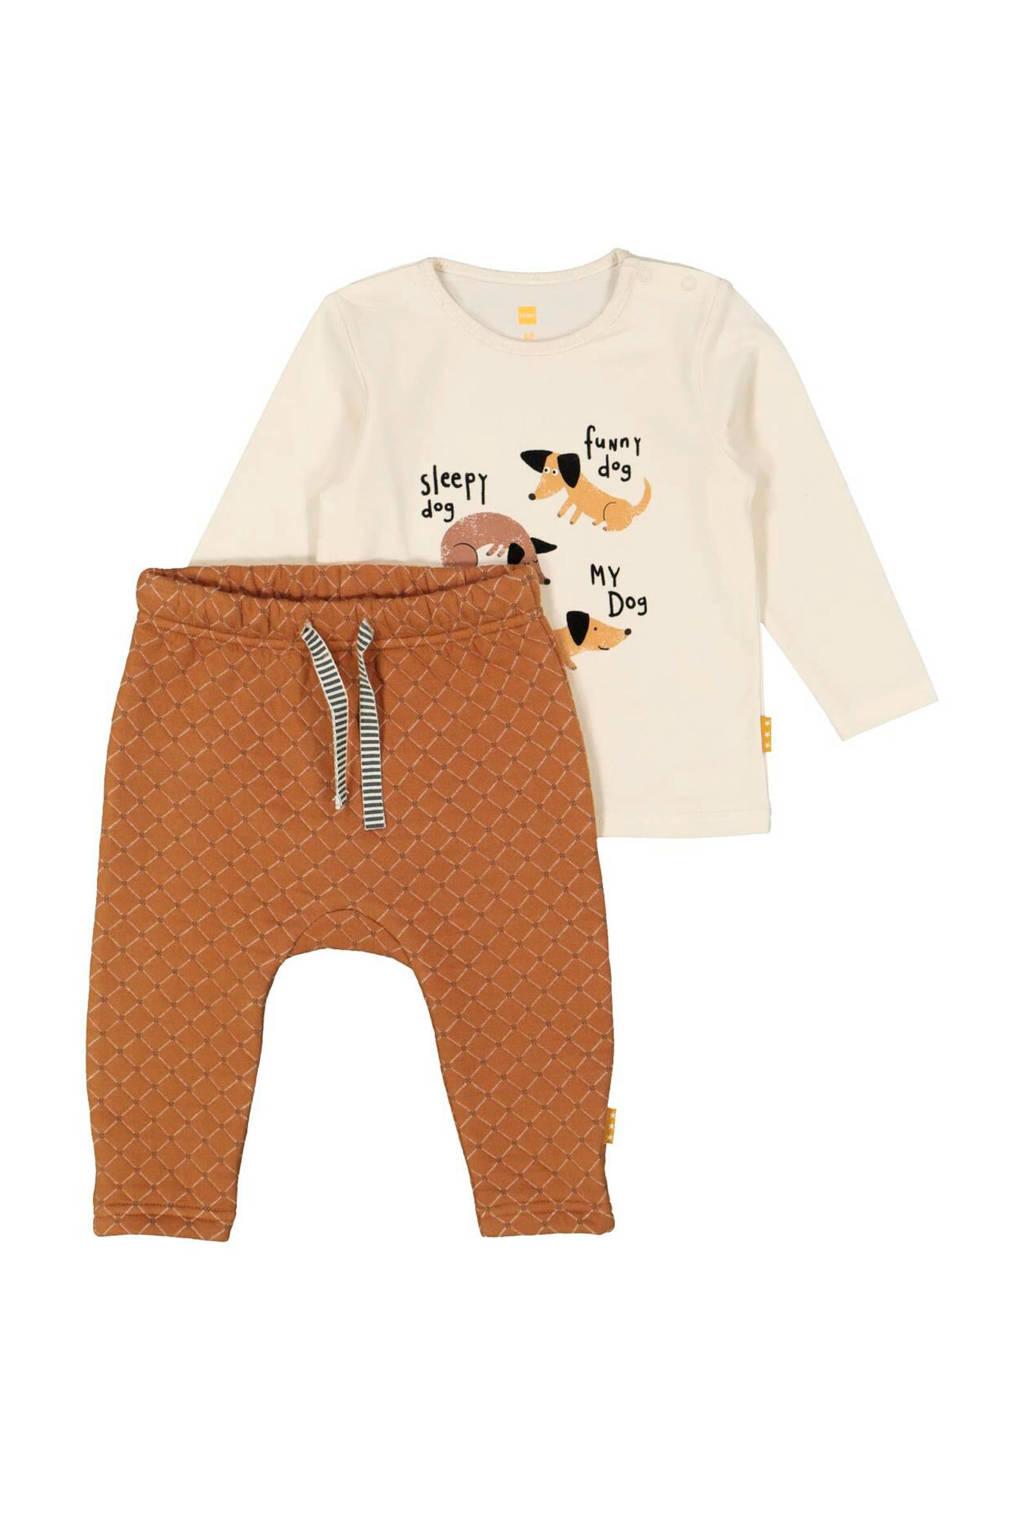 HEMA newborn baby broek + longsleeve bruin/ecru, Grijs